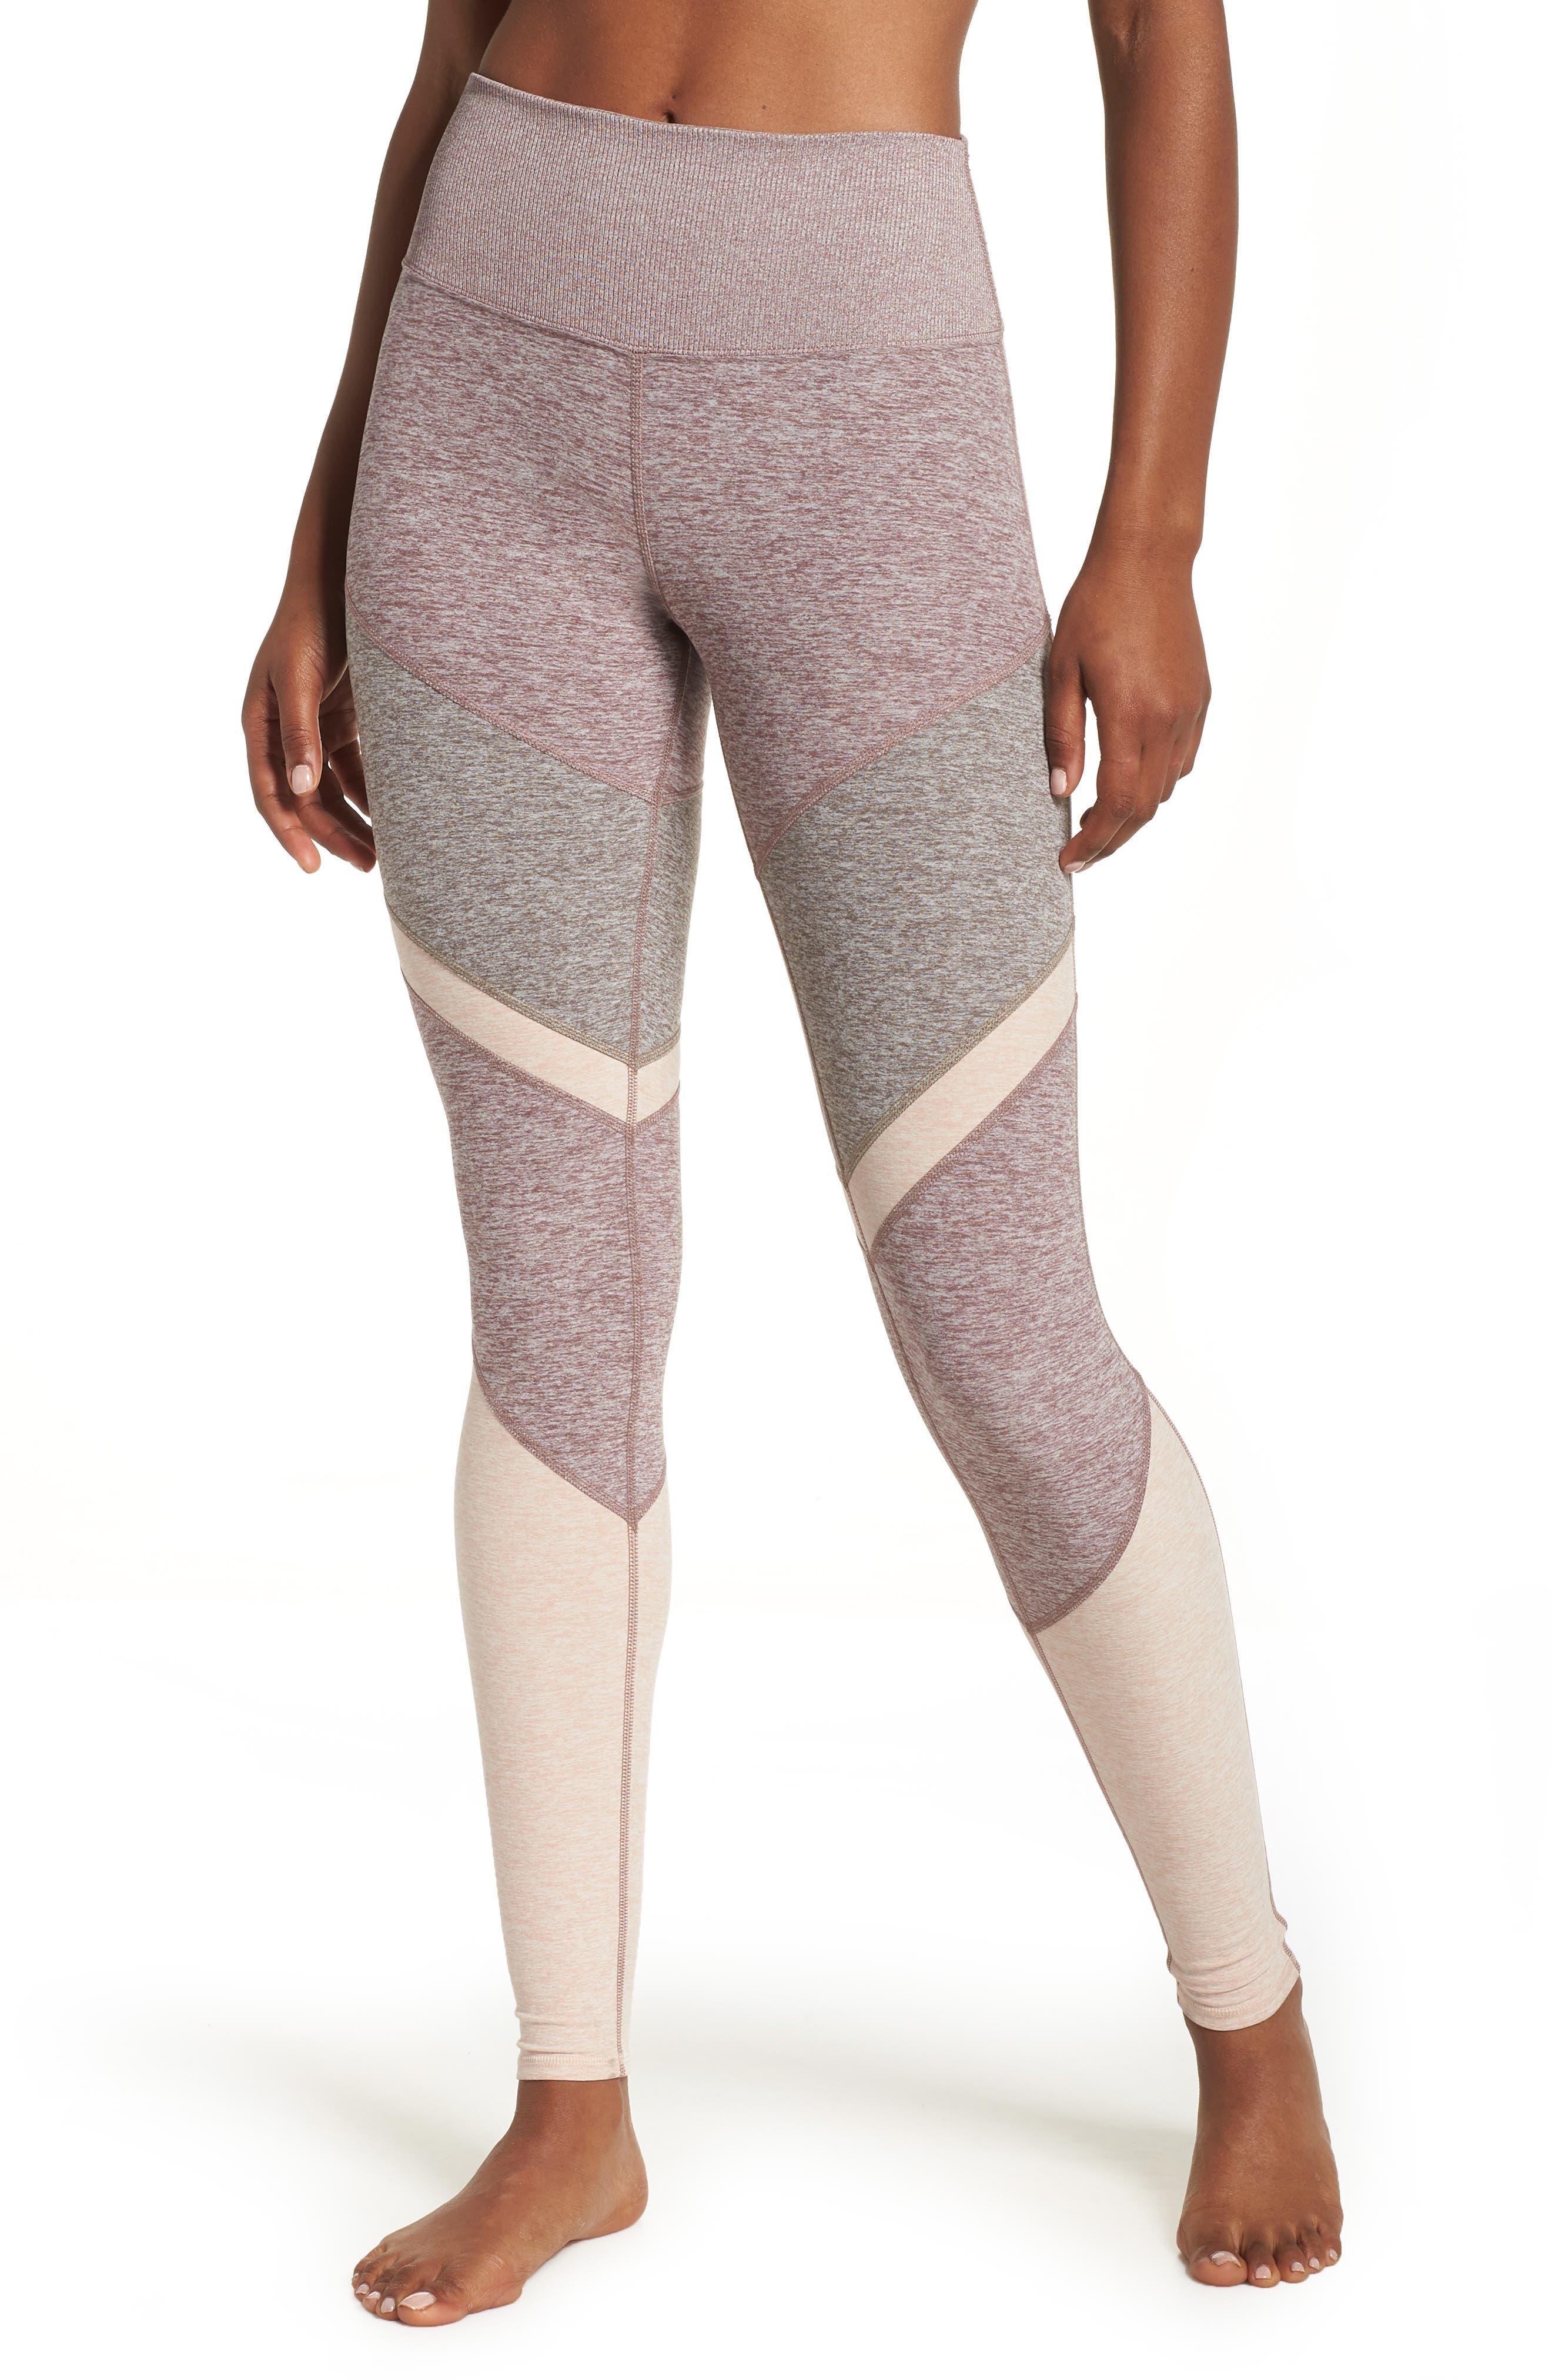 Sheila High Waist Leggings,                         Main,                         color, SMOKY QUARTZ/ GRAVEL/ NECTAR